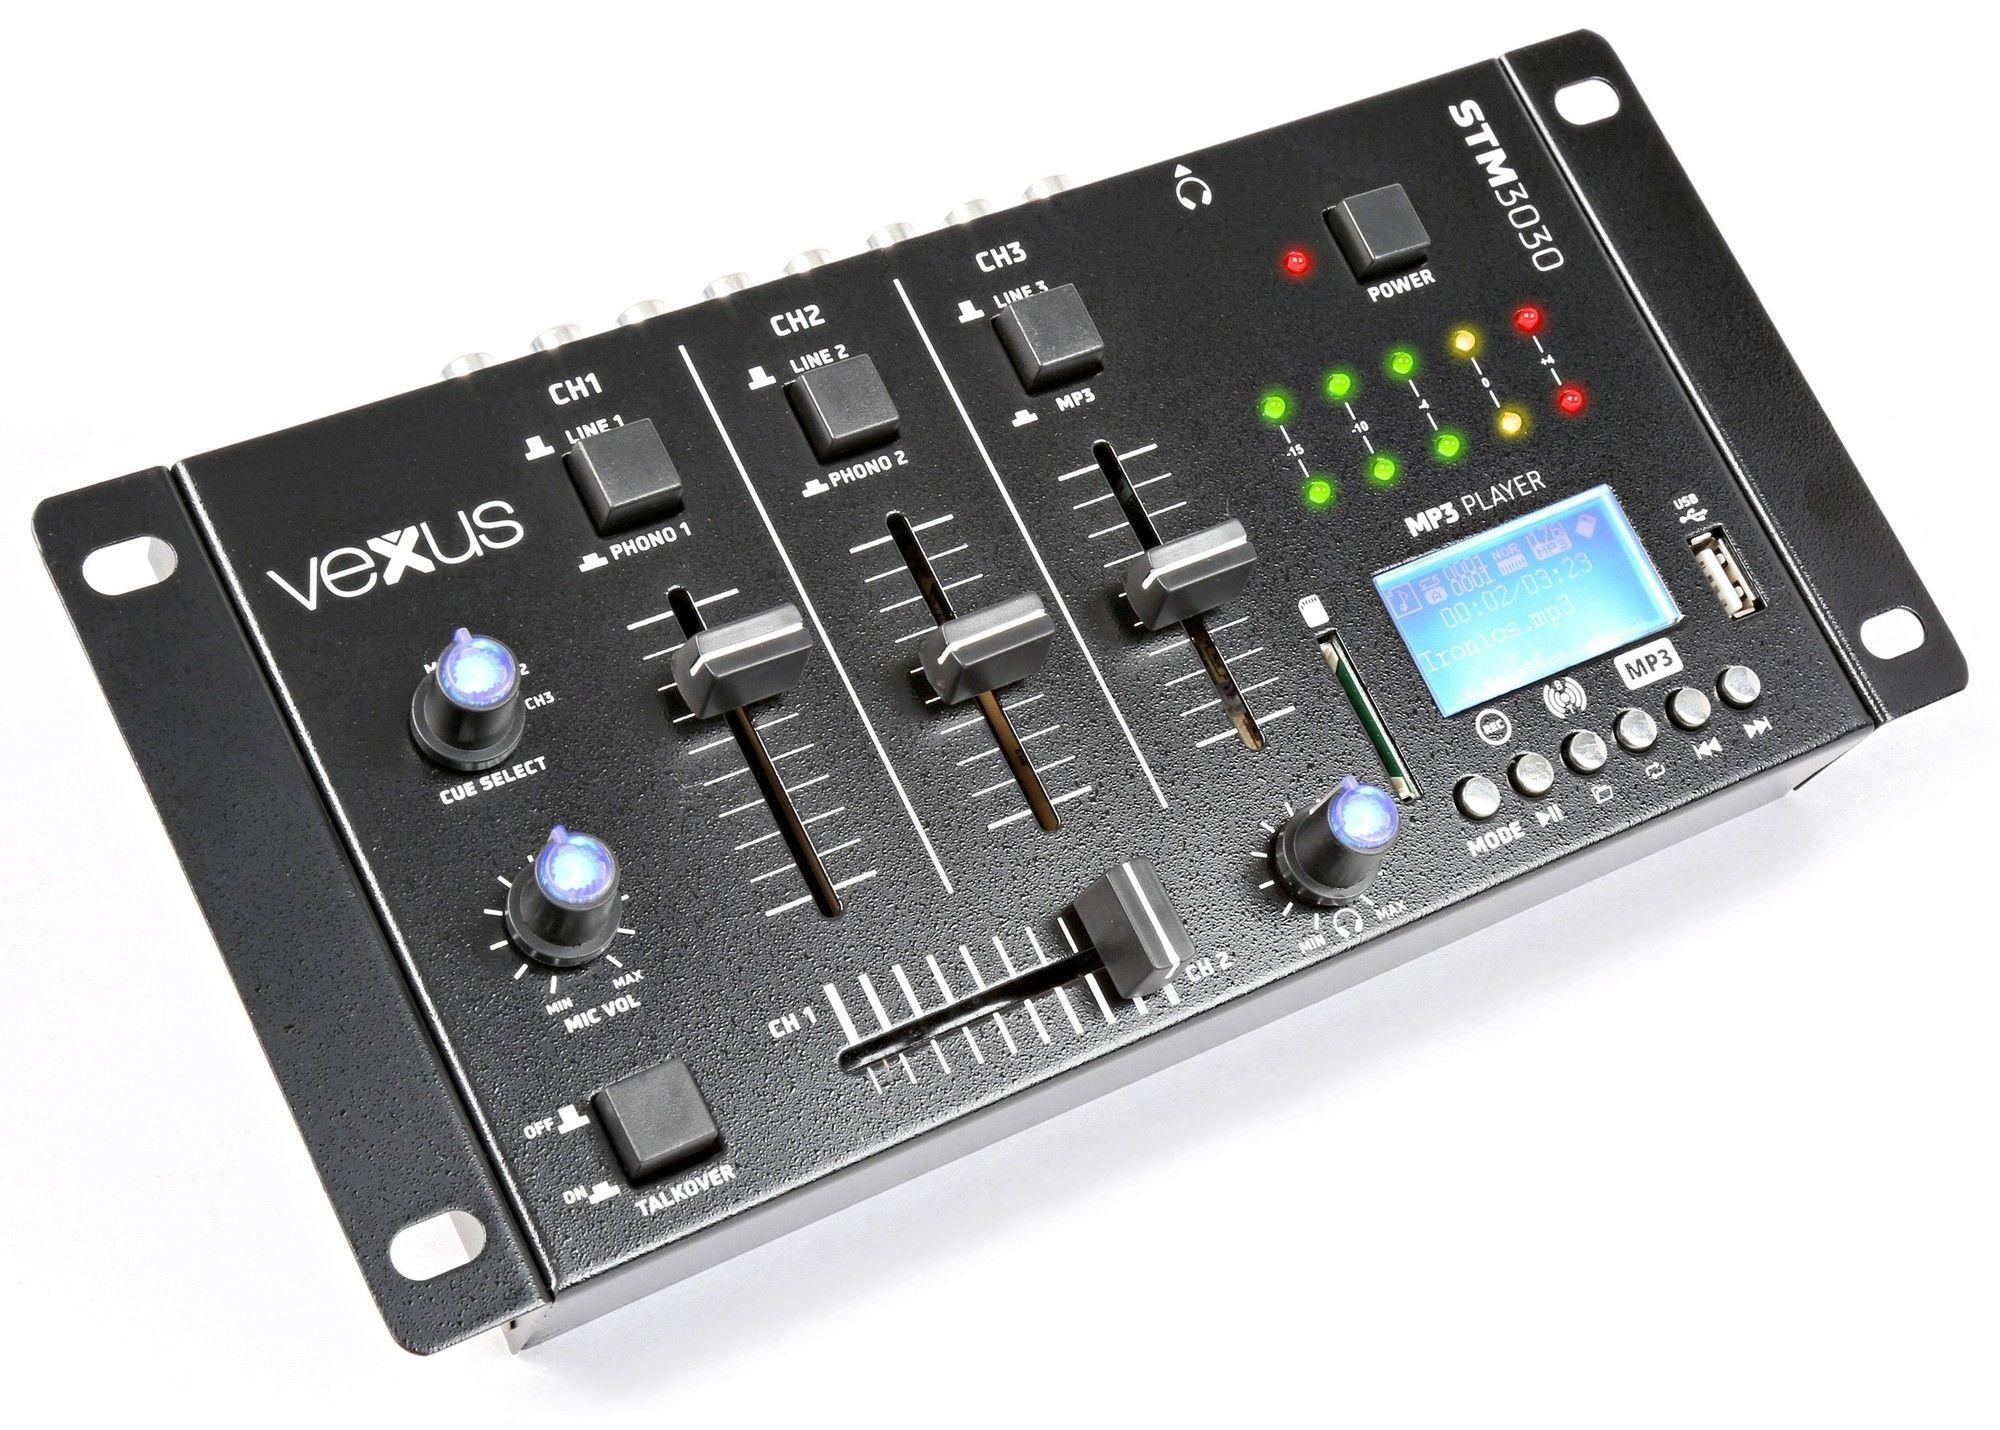 Vexus STM3030 4 kanaals mixer met USB/SD MP3, Bluetooth en record functie